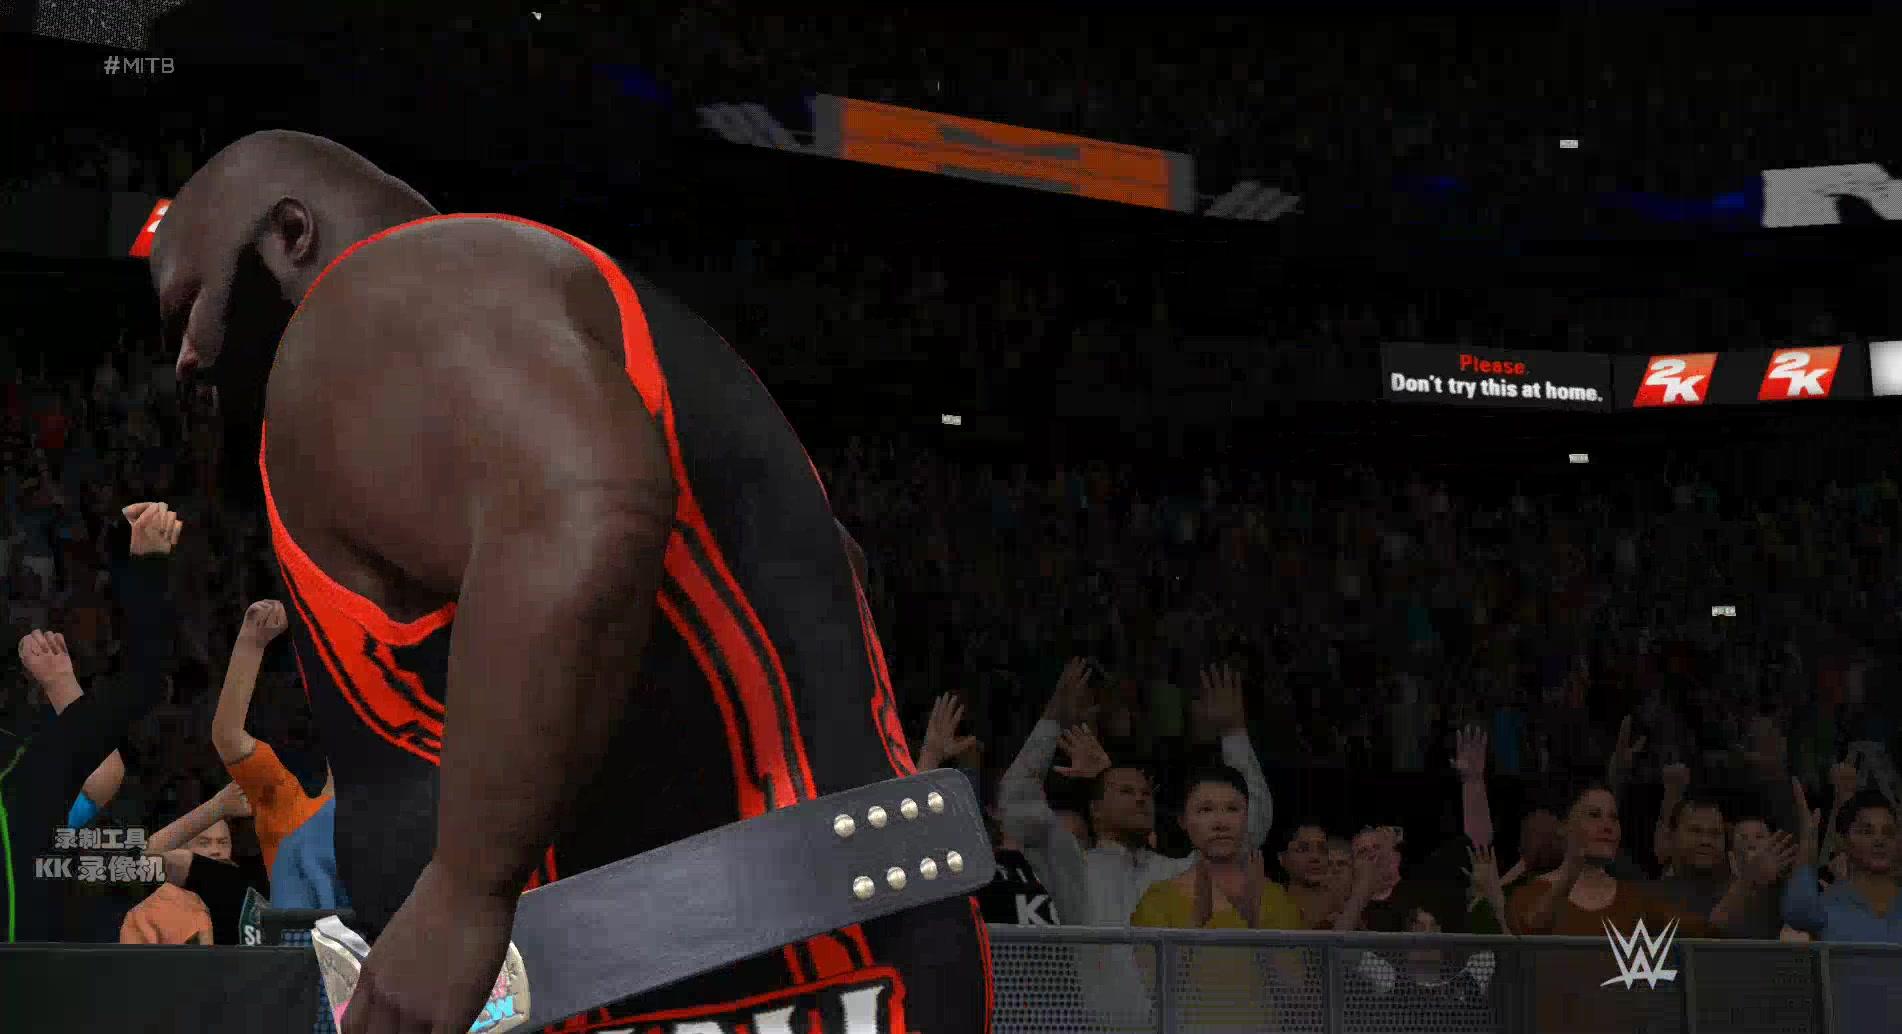 马克亨利和大秀哥_WWE2K17马克亨利拿了nxt冠军对战搓澡工_哔哩哔哩 (゜-゜)つロ 干杯 ...